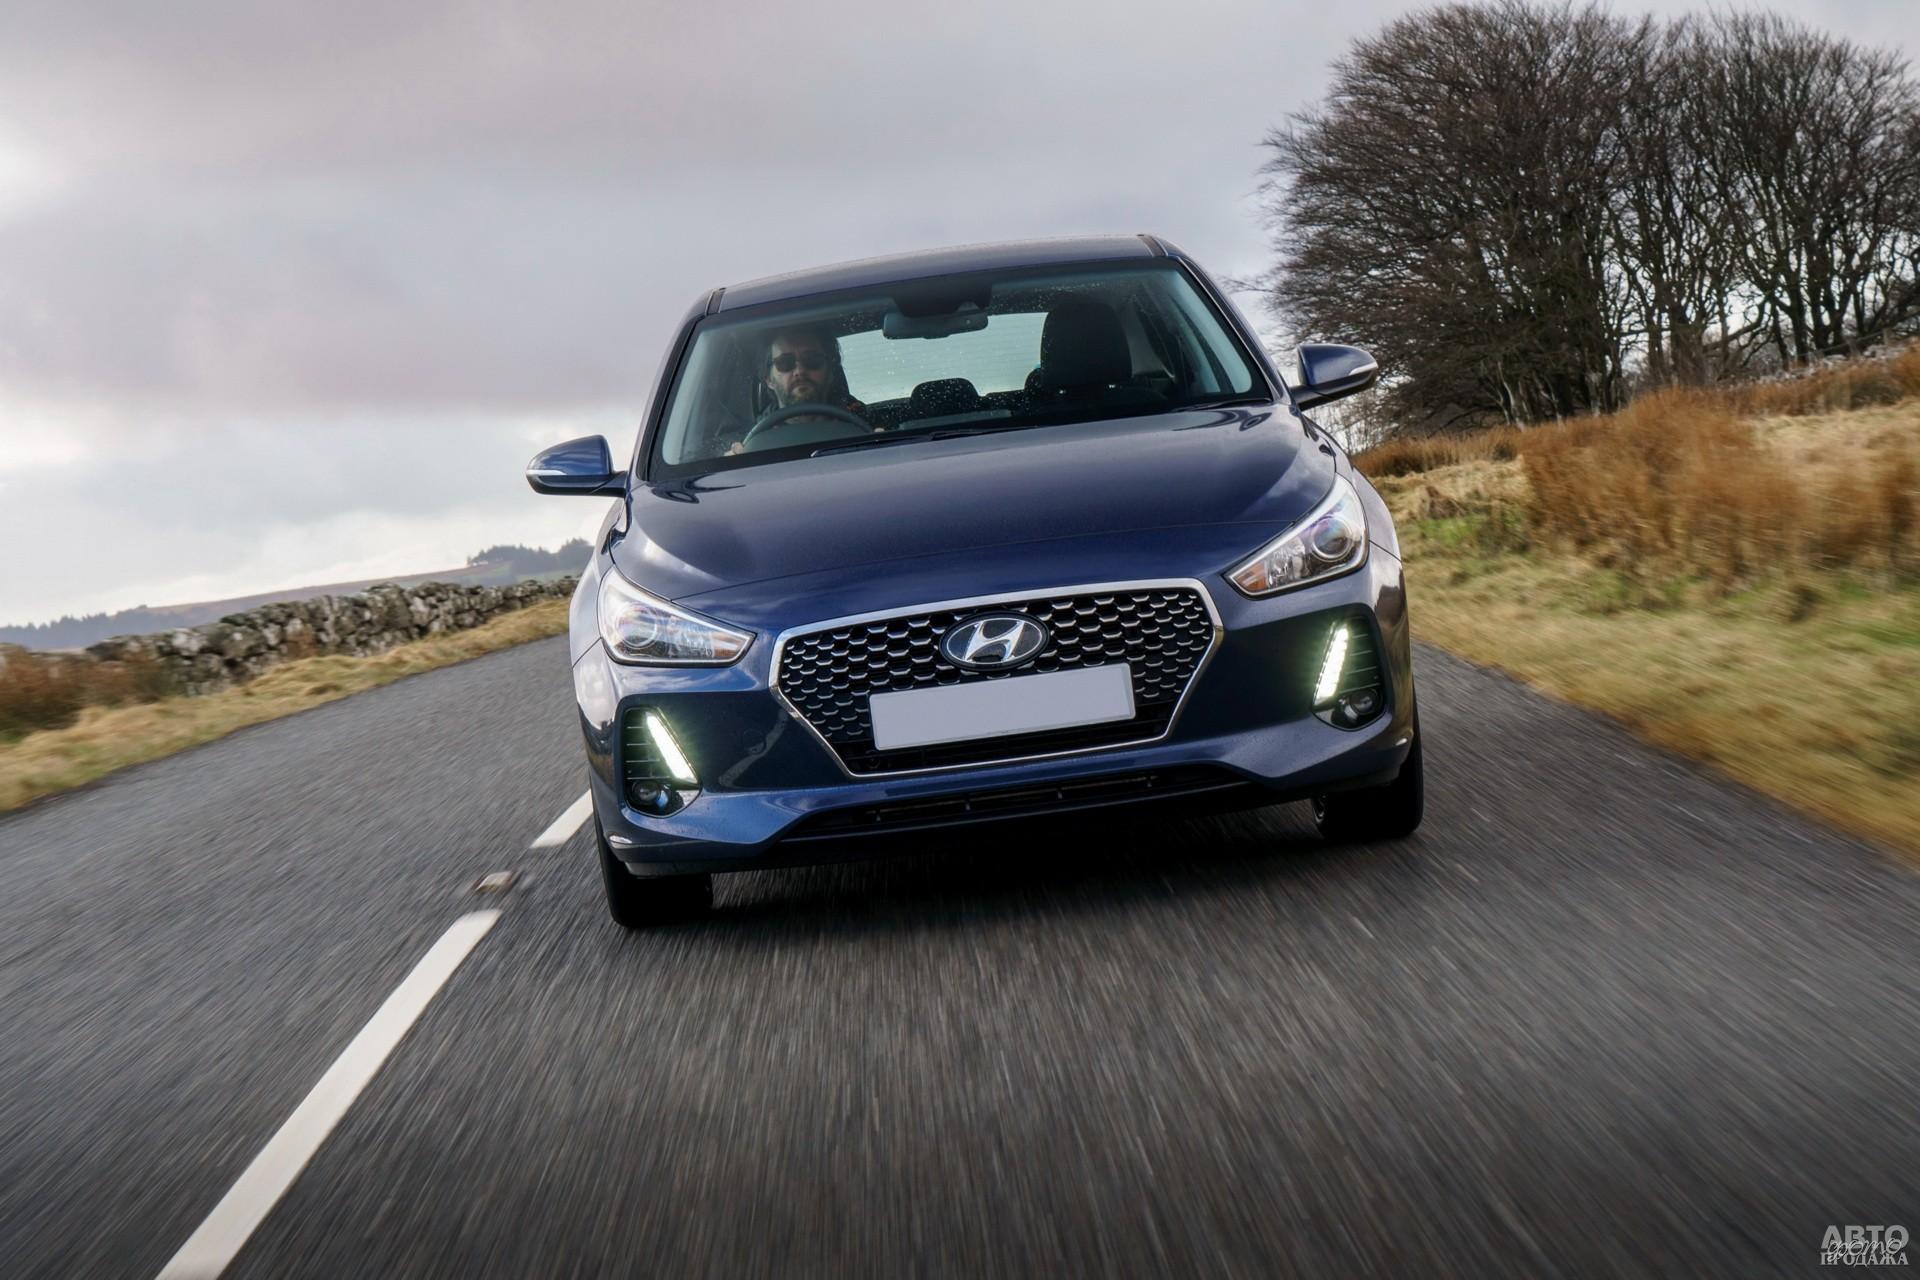 Фары Hyundai i30 дополнены светодиодными ходовыми огнями